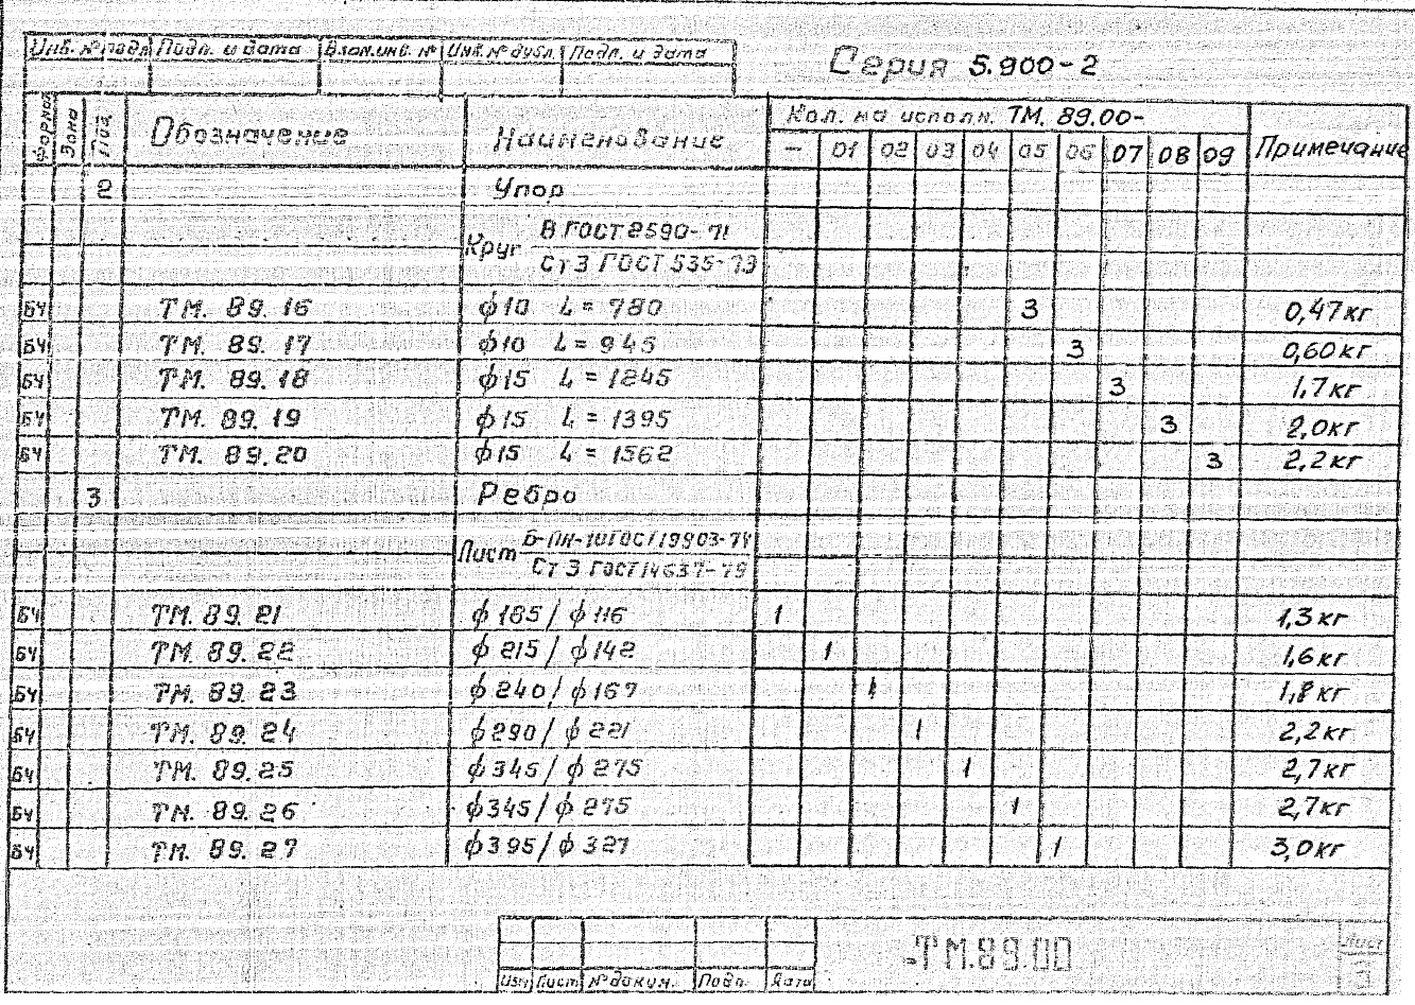 Сальники набивные ТМ.89.00 серия 5.900-2 стр.4